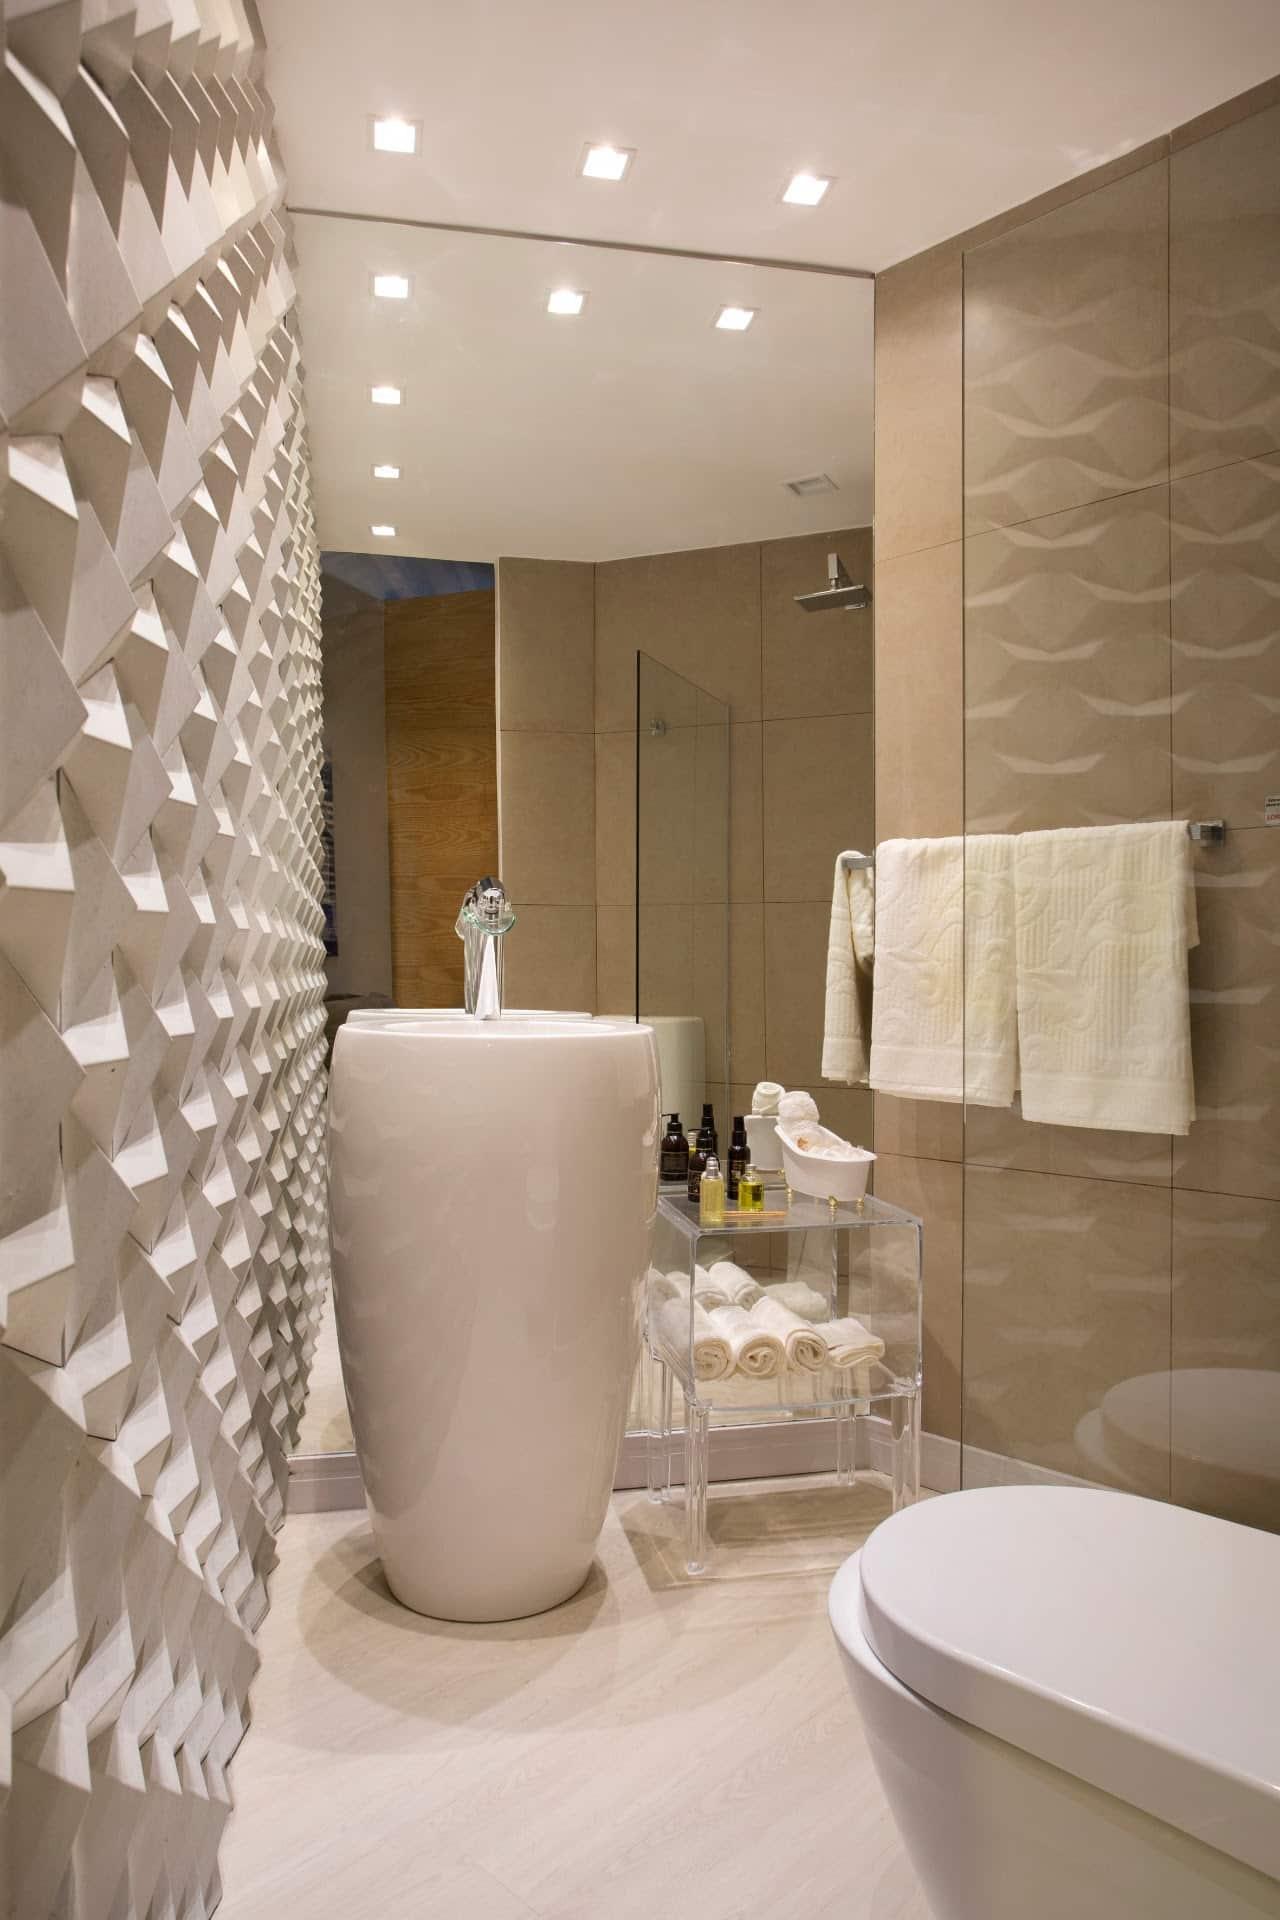 unnamed 11 1 - Truques para decorar banheiros pequenos